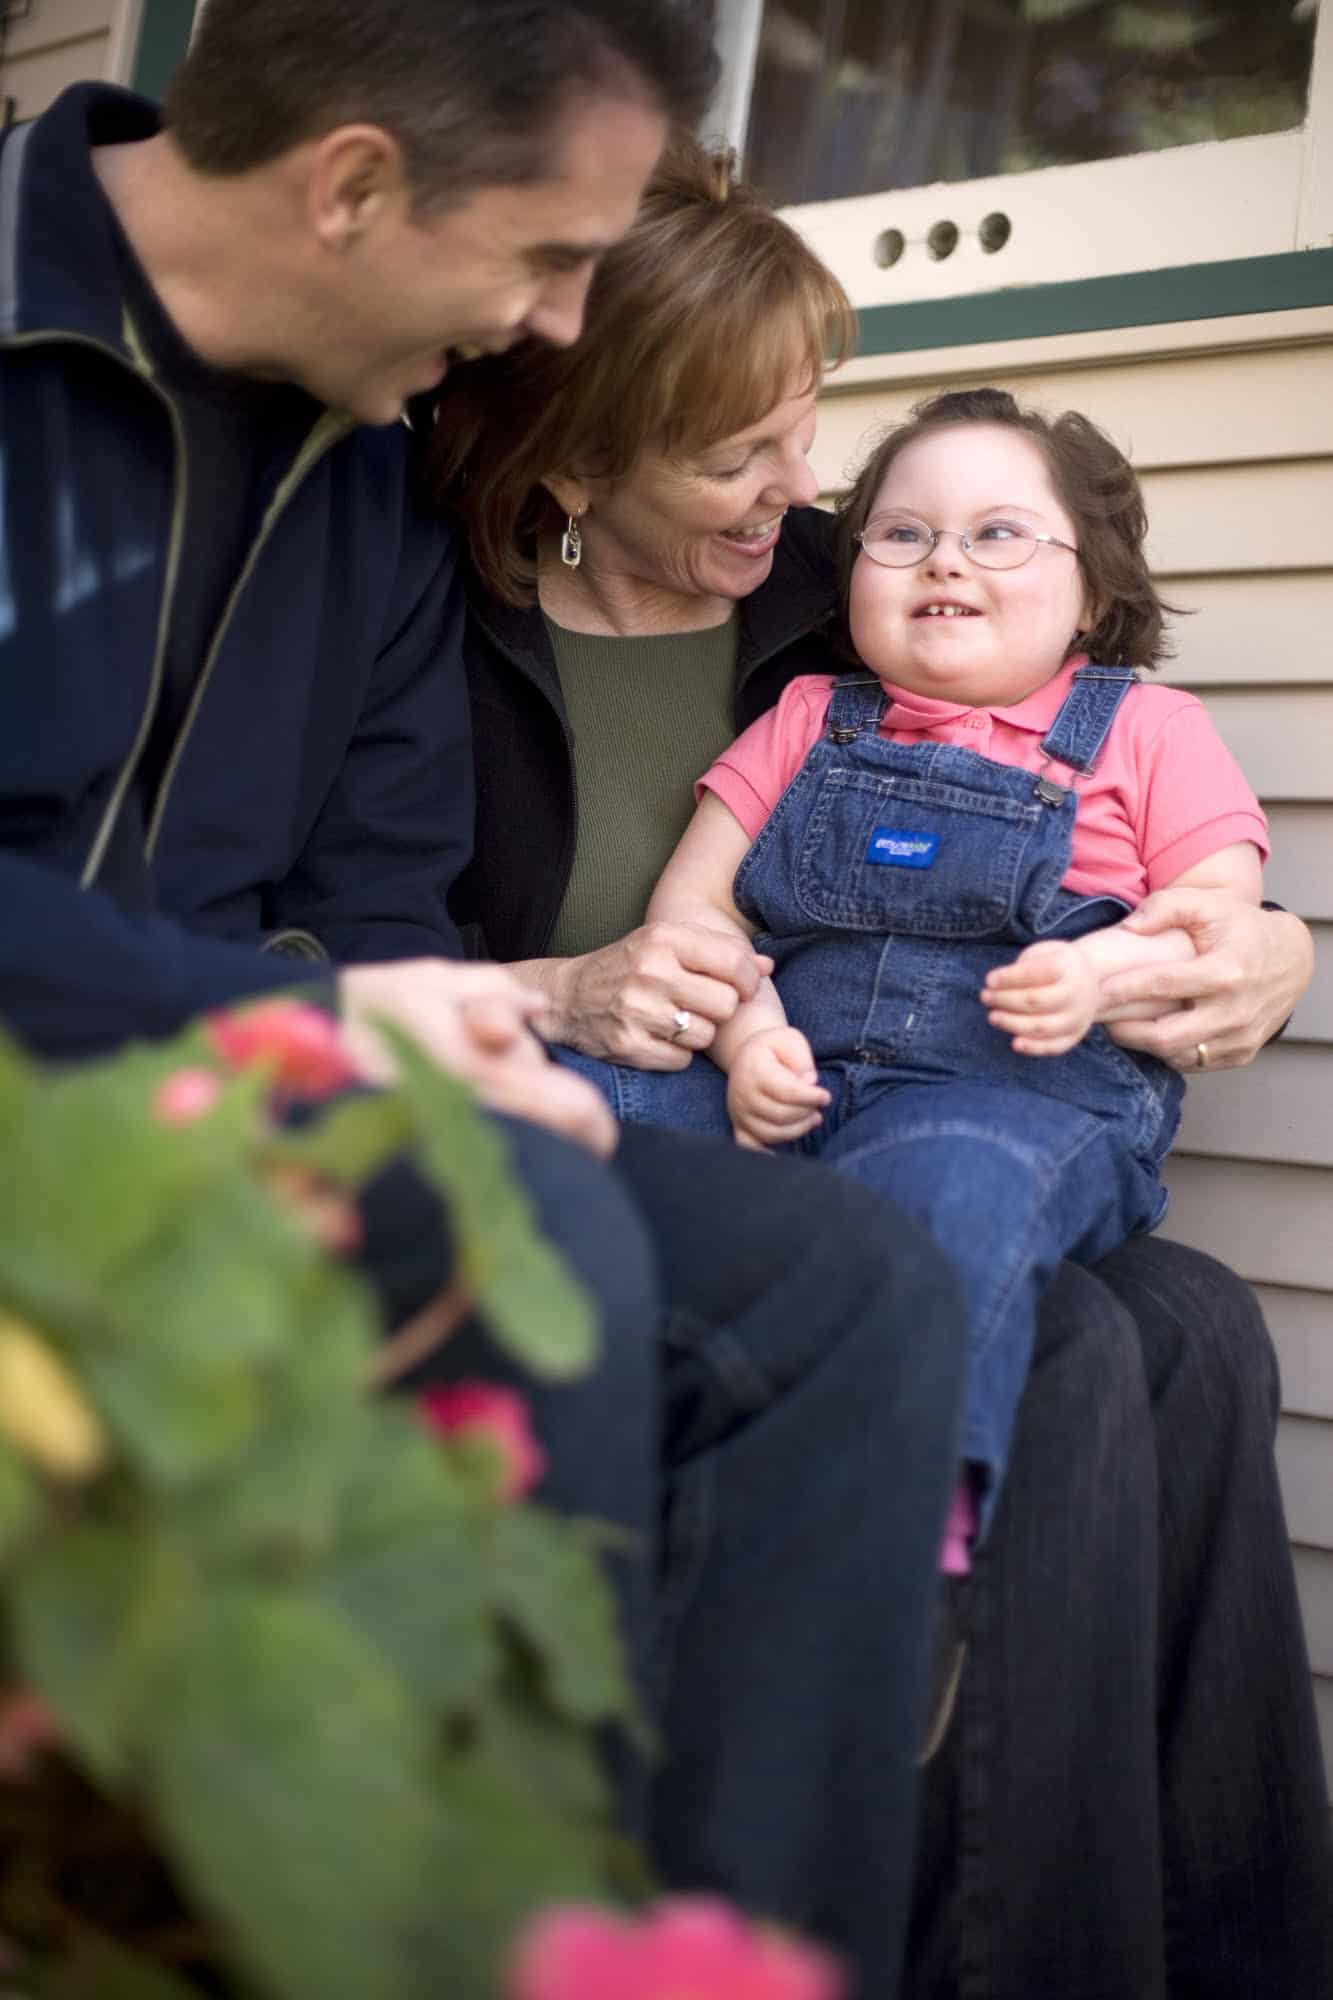 Tori smiling at parents Art and Brenda